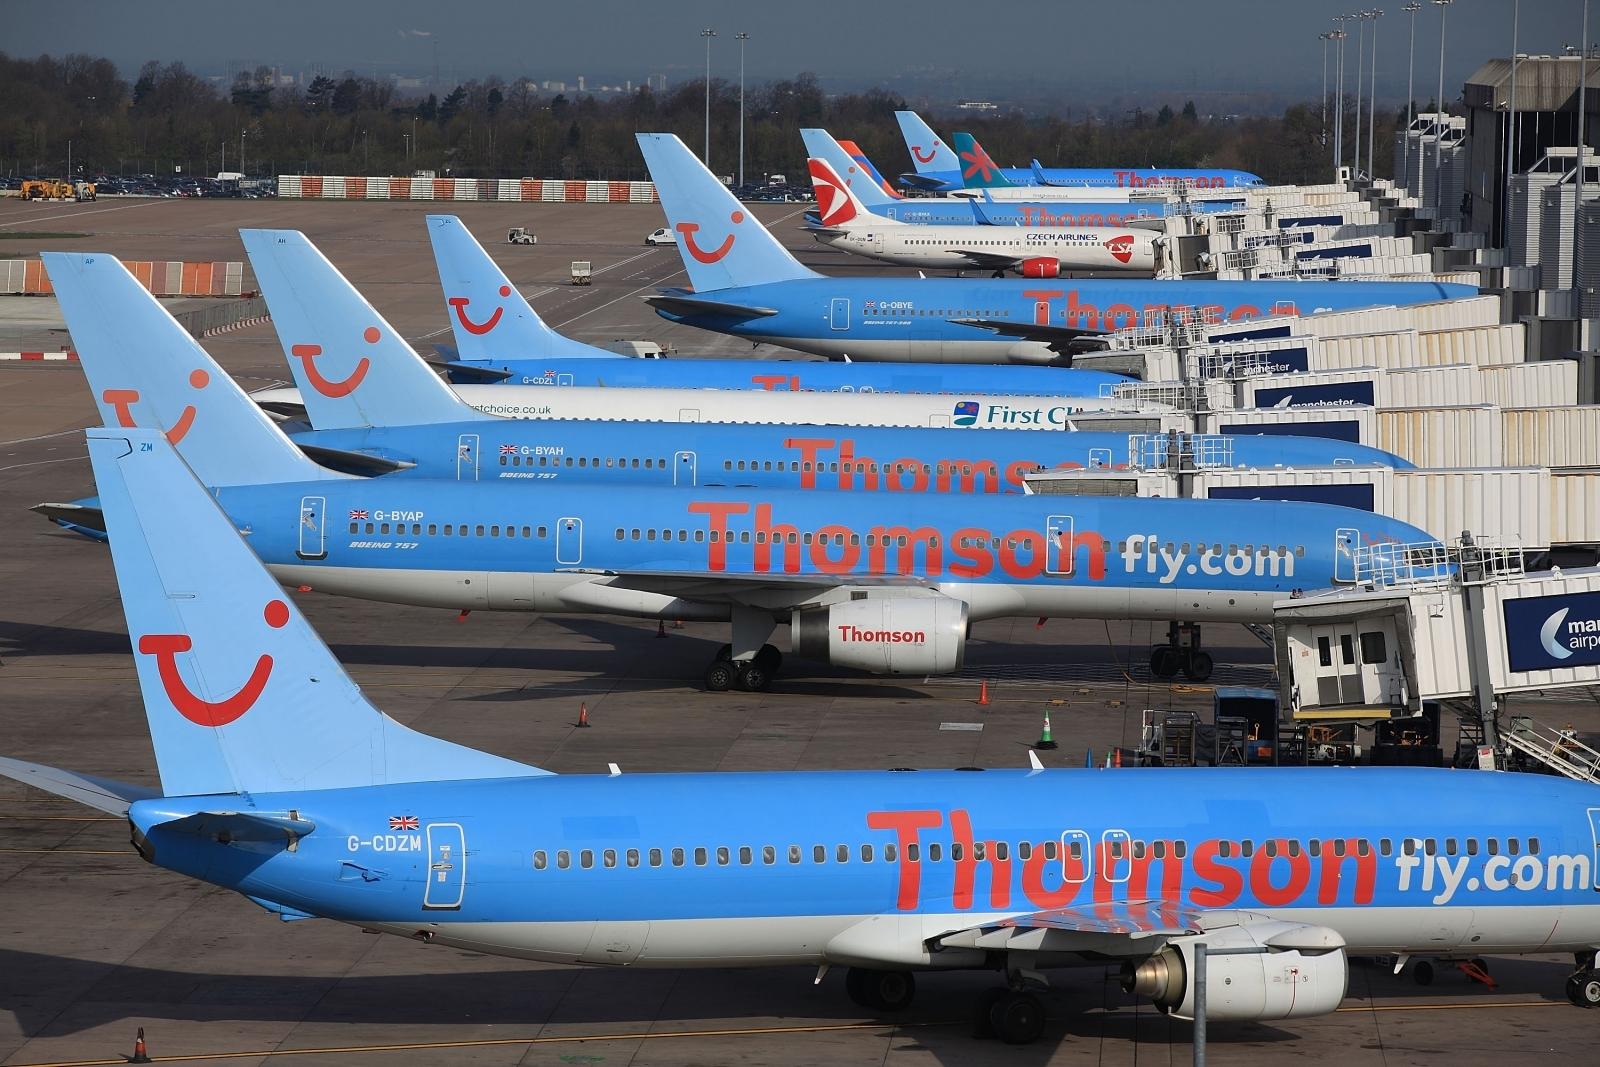 TUI Flight Diverted